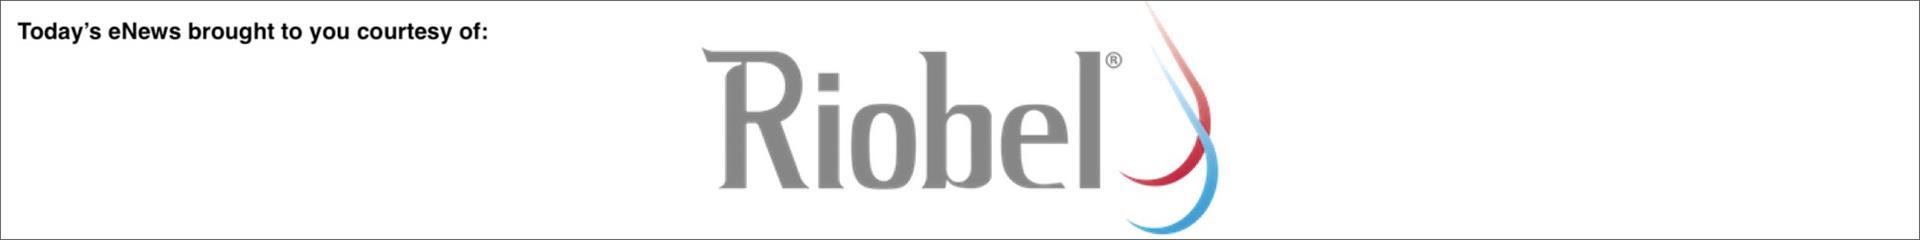 riobel_top.jpg